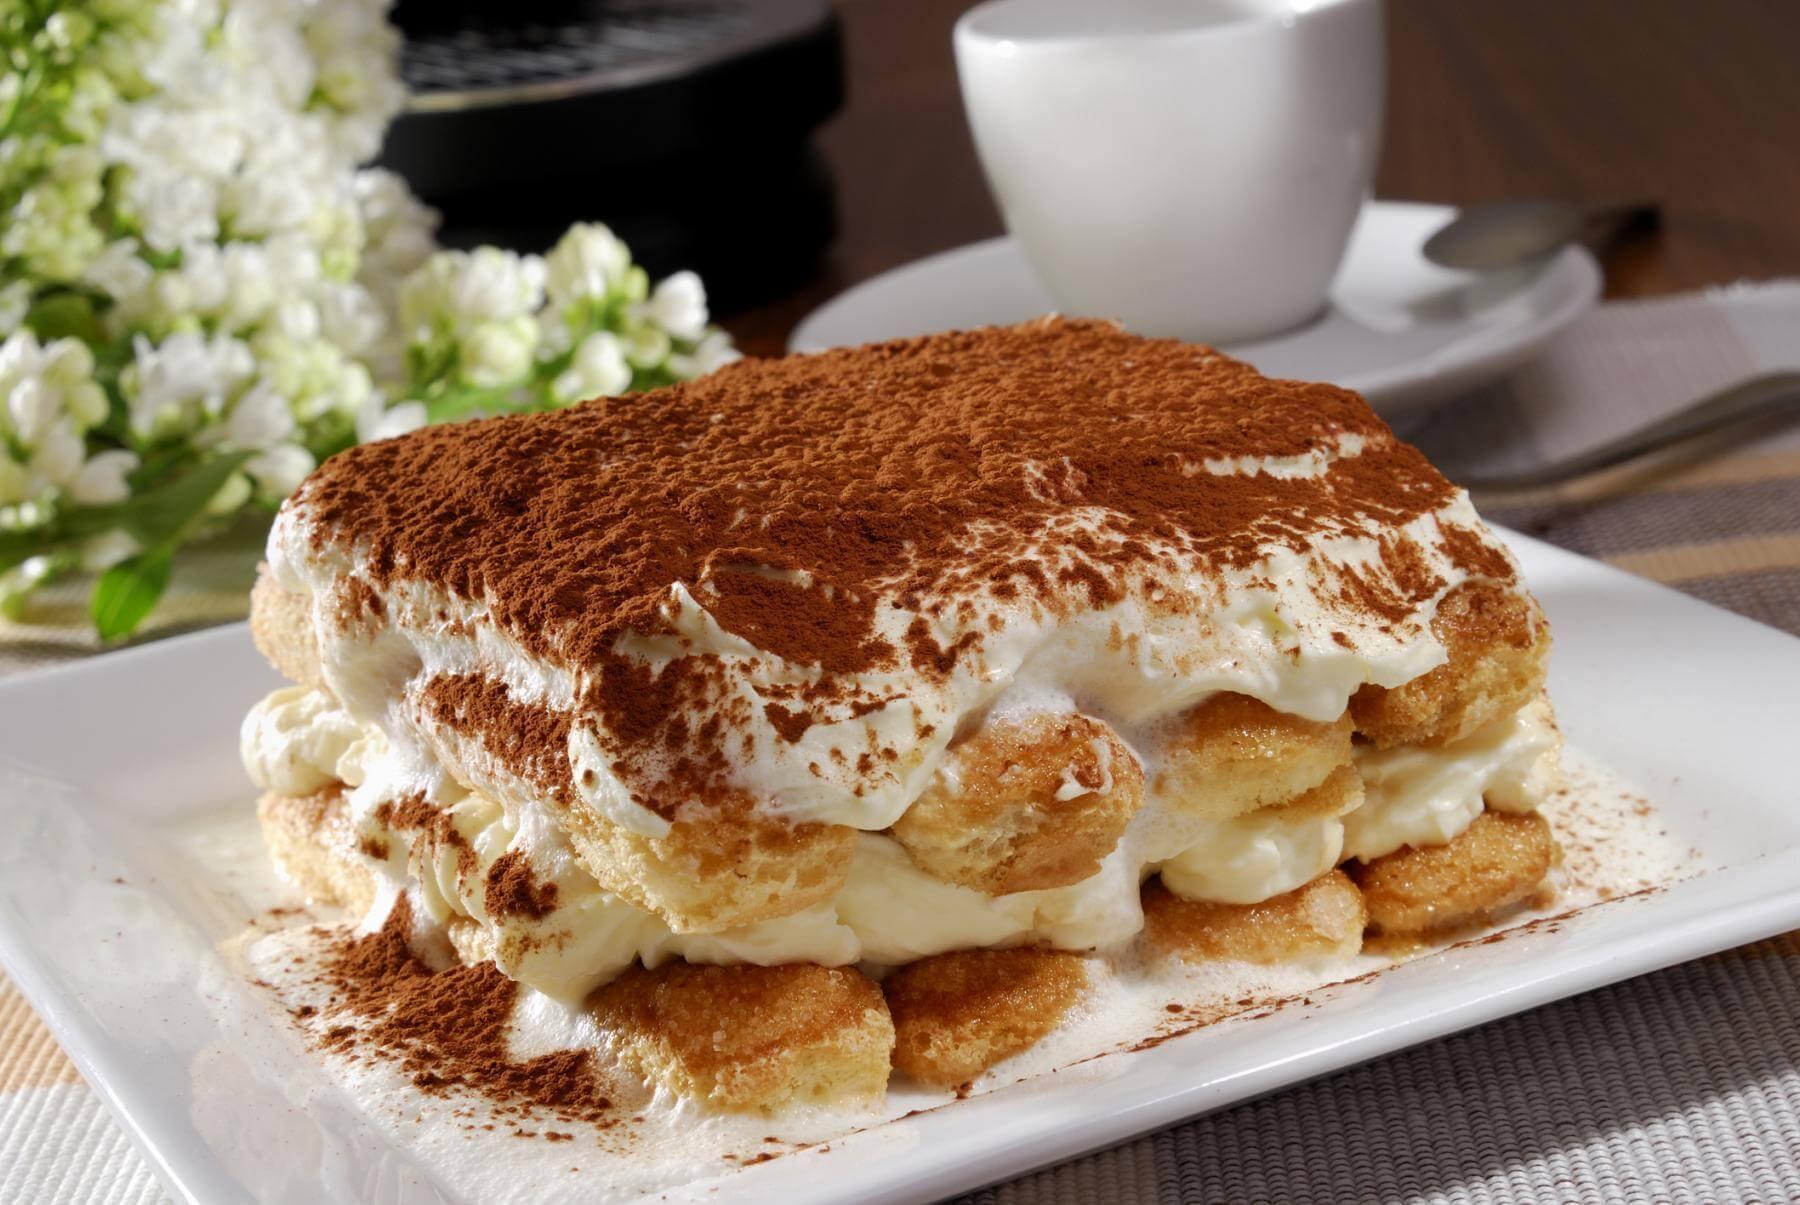 Тирамису. Это итальянский десерт, который готовят из печенья, предварительно замоченного в кофе, яич